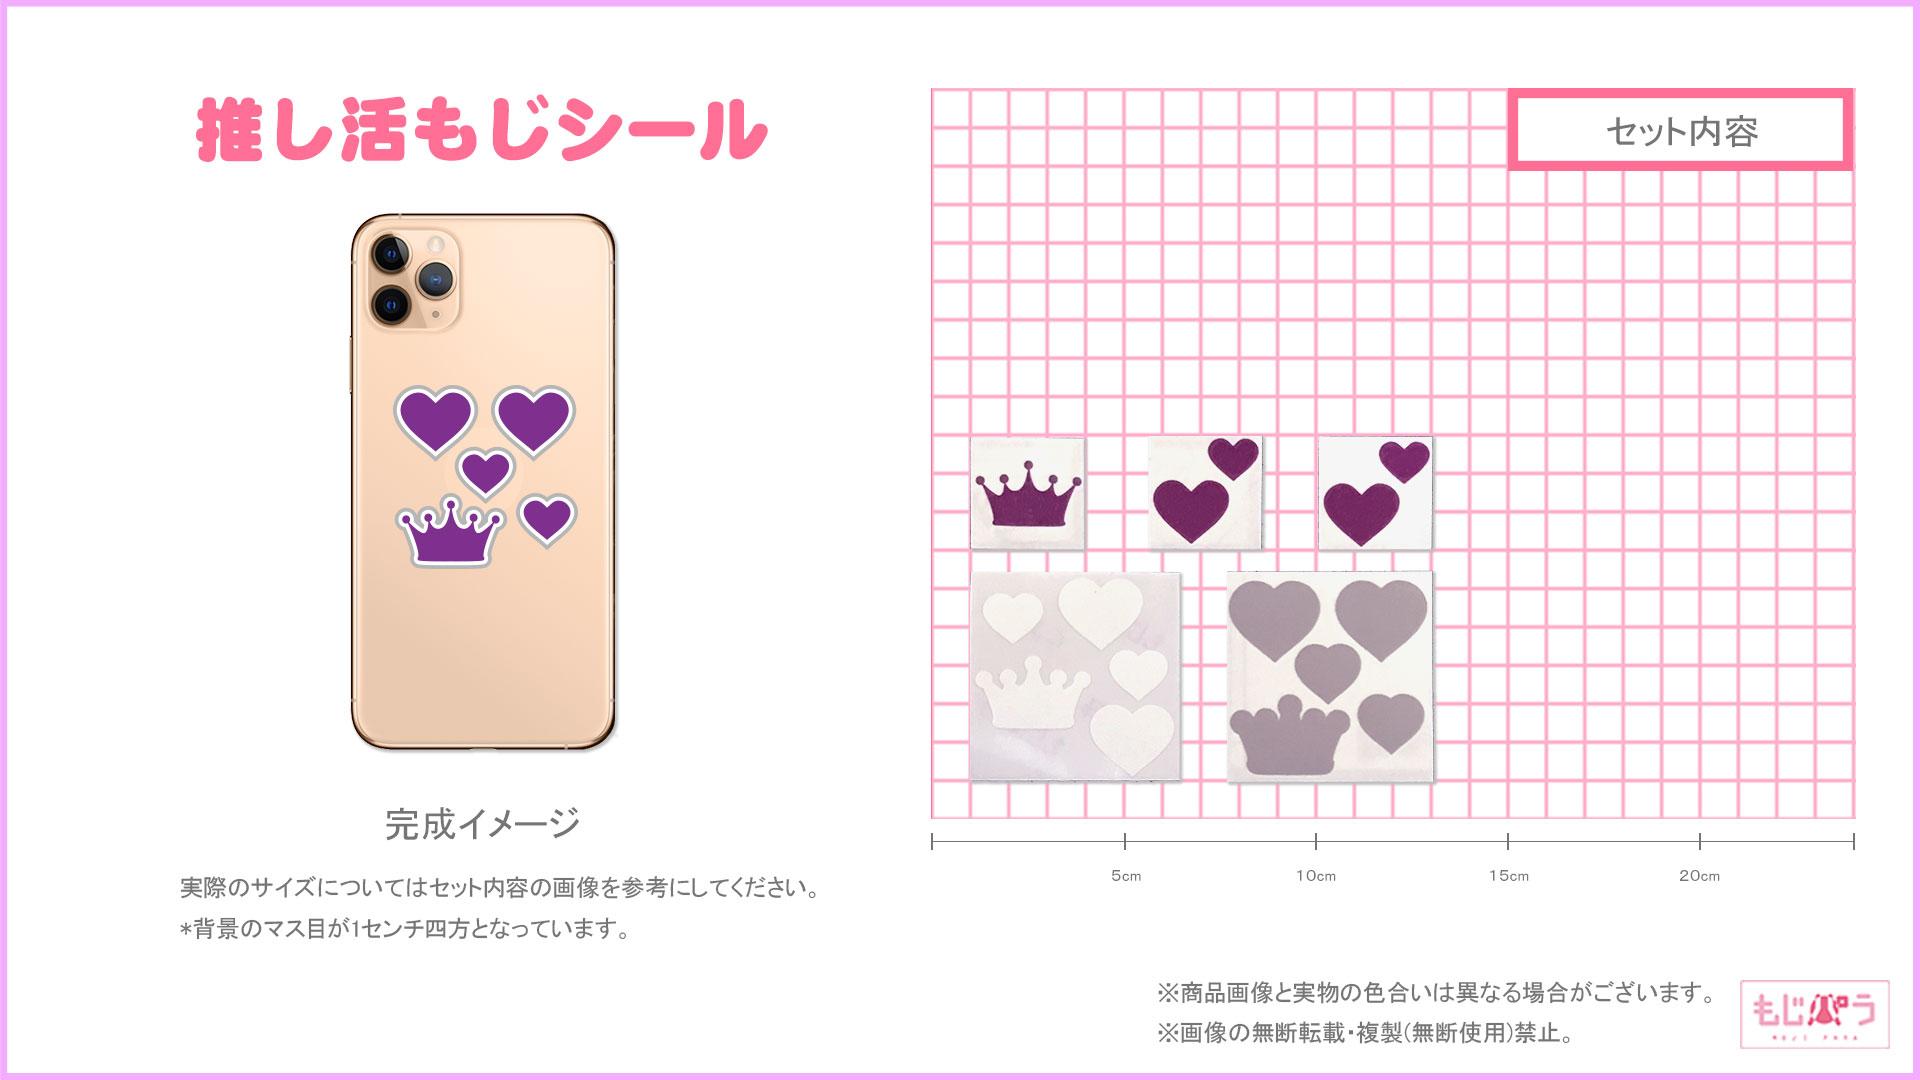 推し活もじシール デコるー 4S  王冠セット1 紫画像